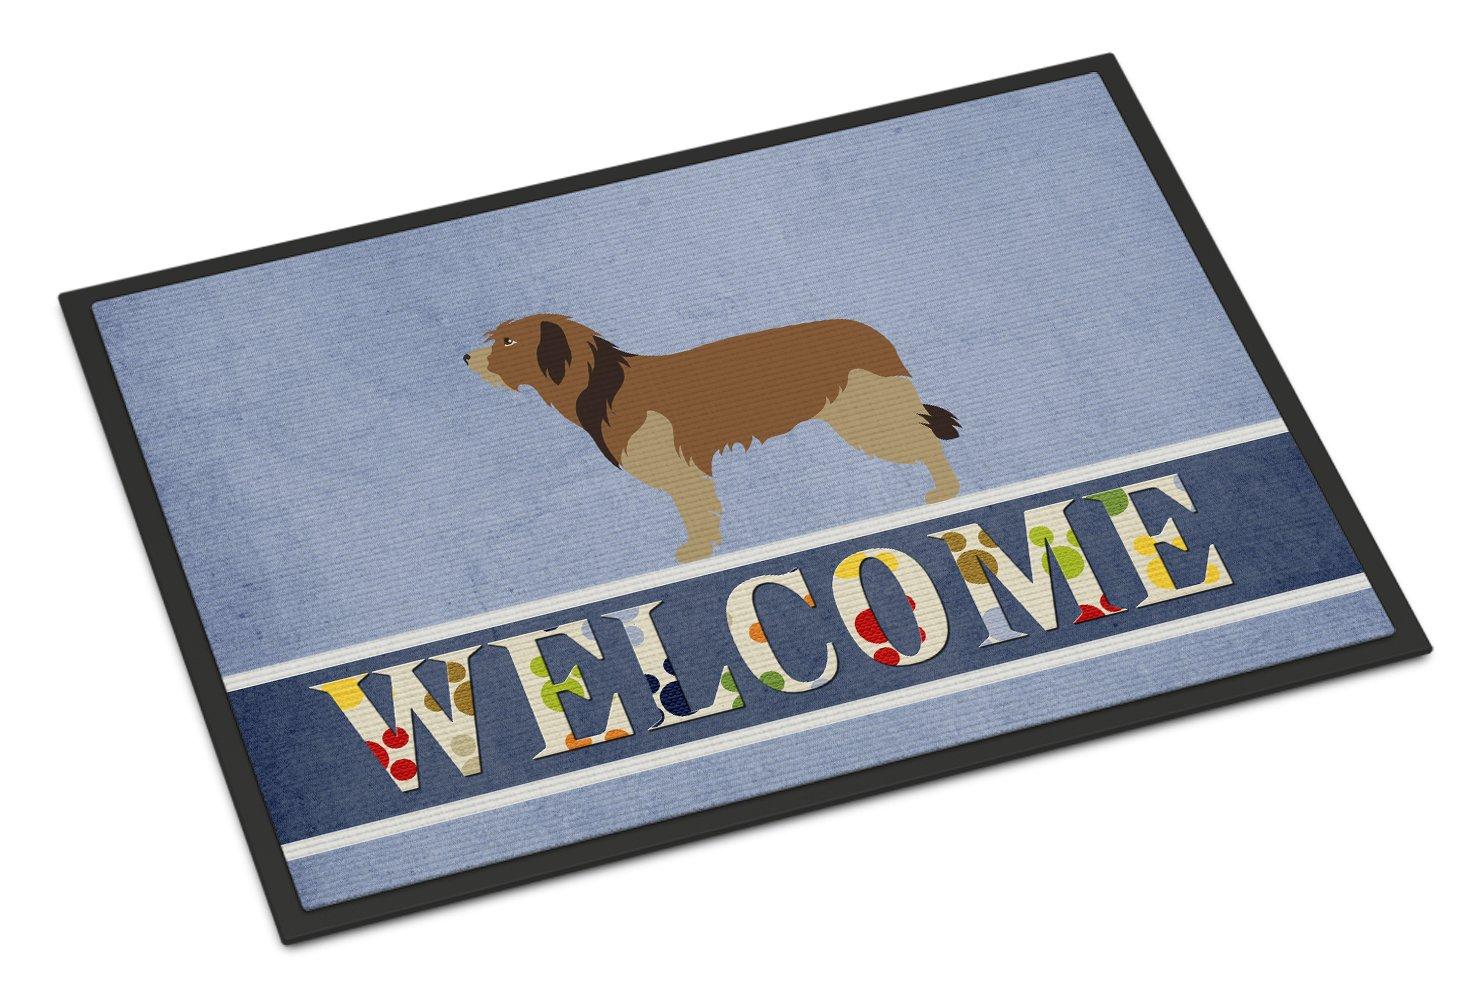 Carolines Treasures Greenland Dog Christmas Doormat 24hx36w Multicolor